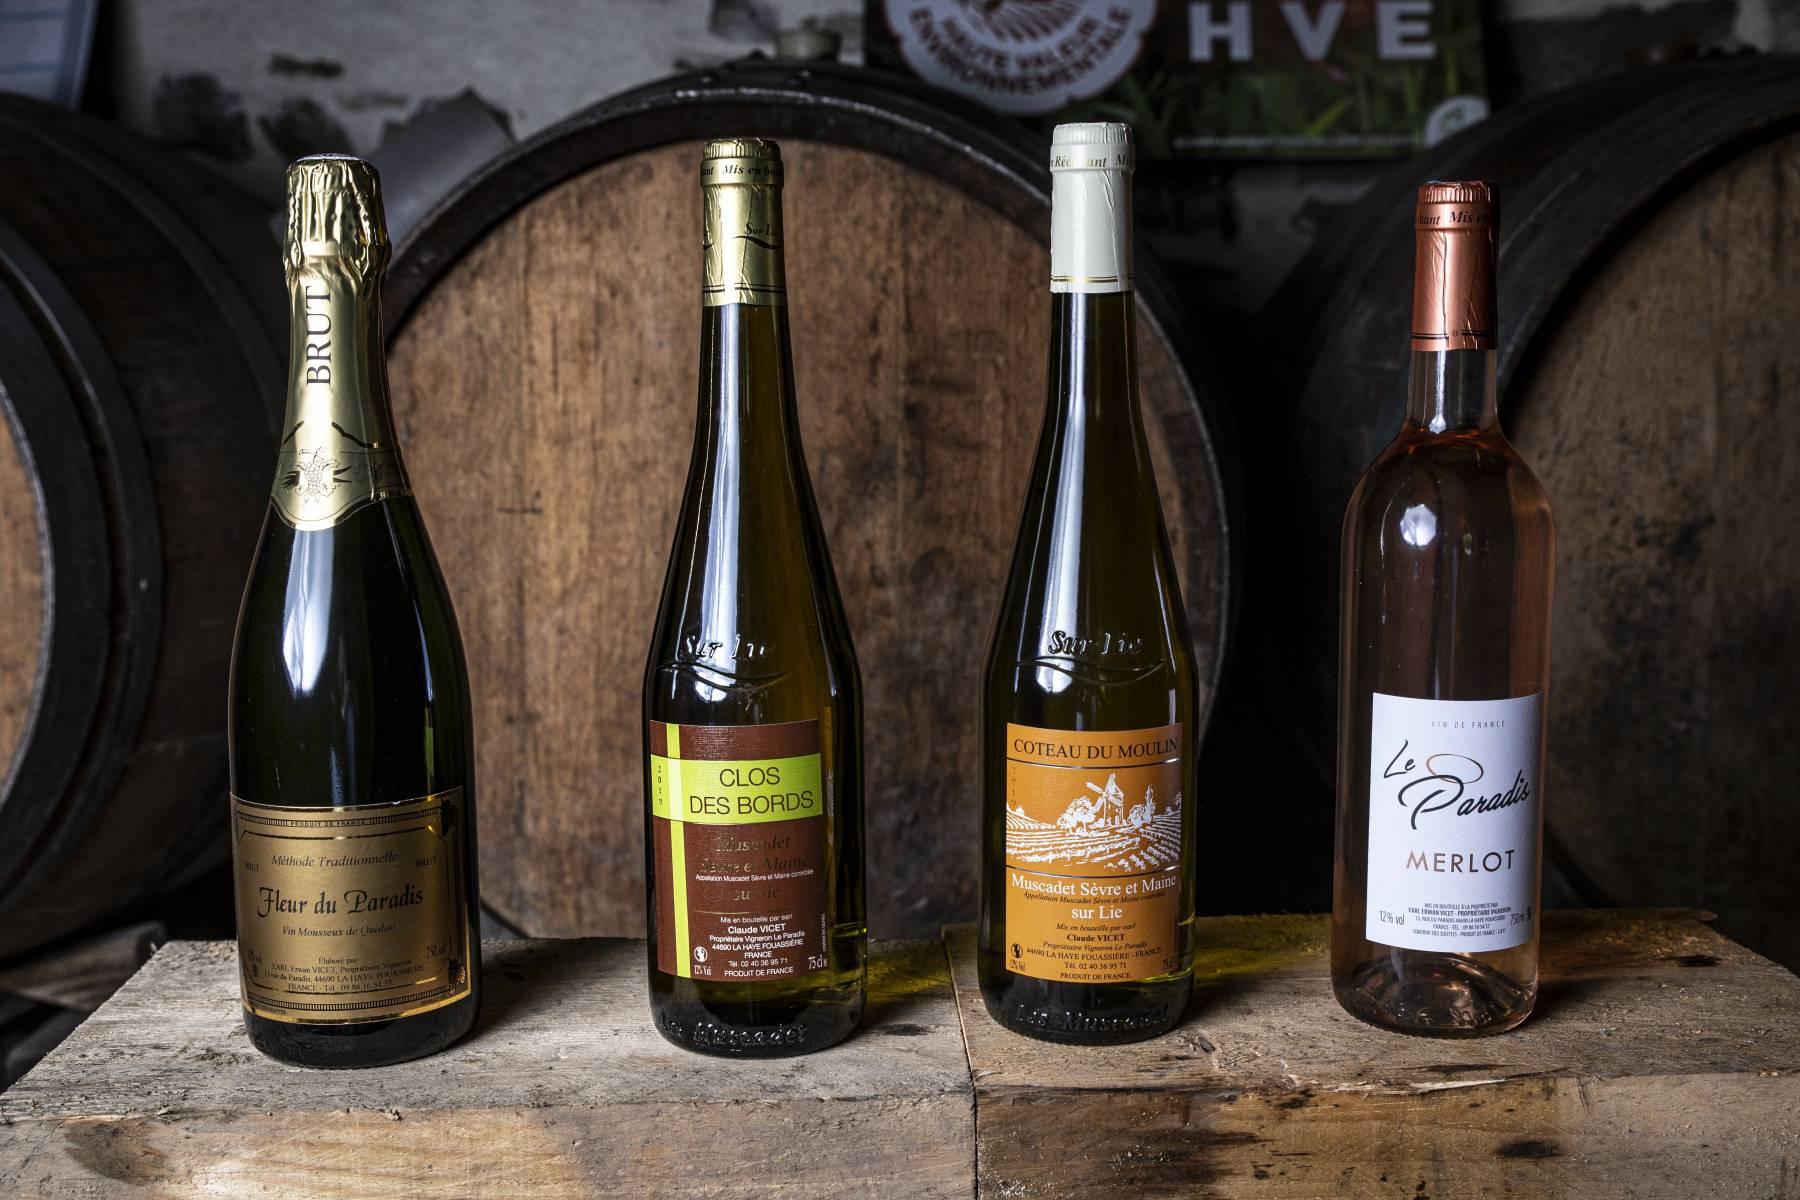 Gammes des vins blancs domaine du paradis